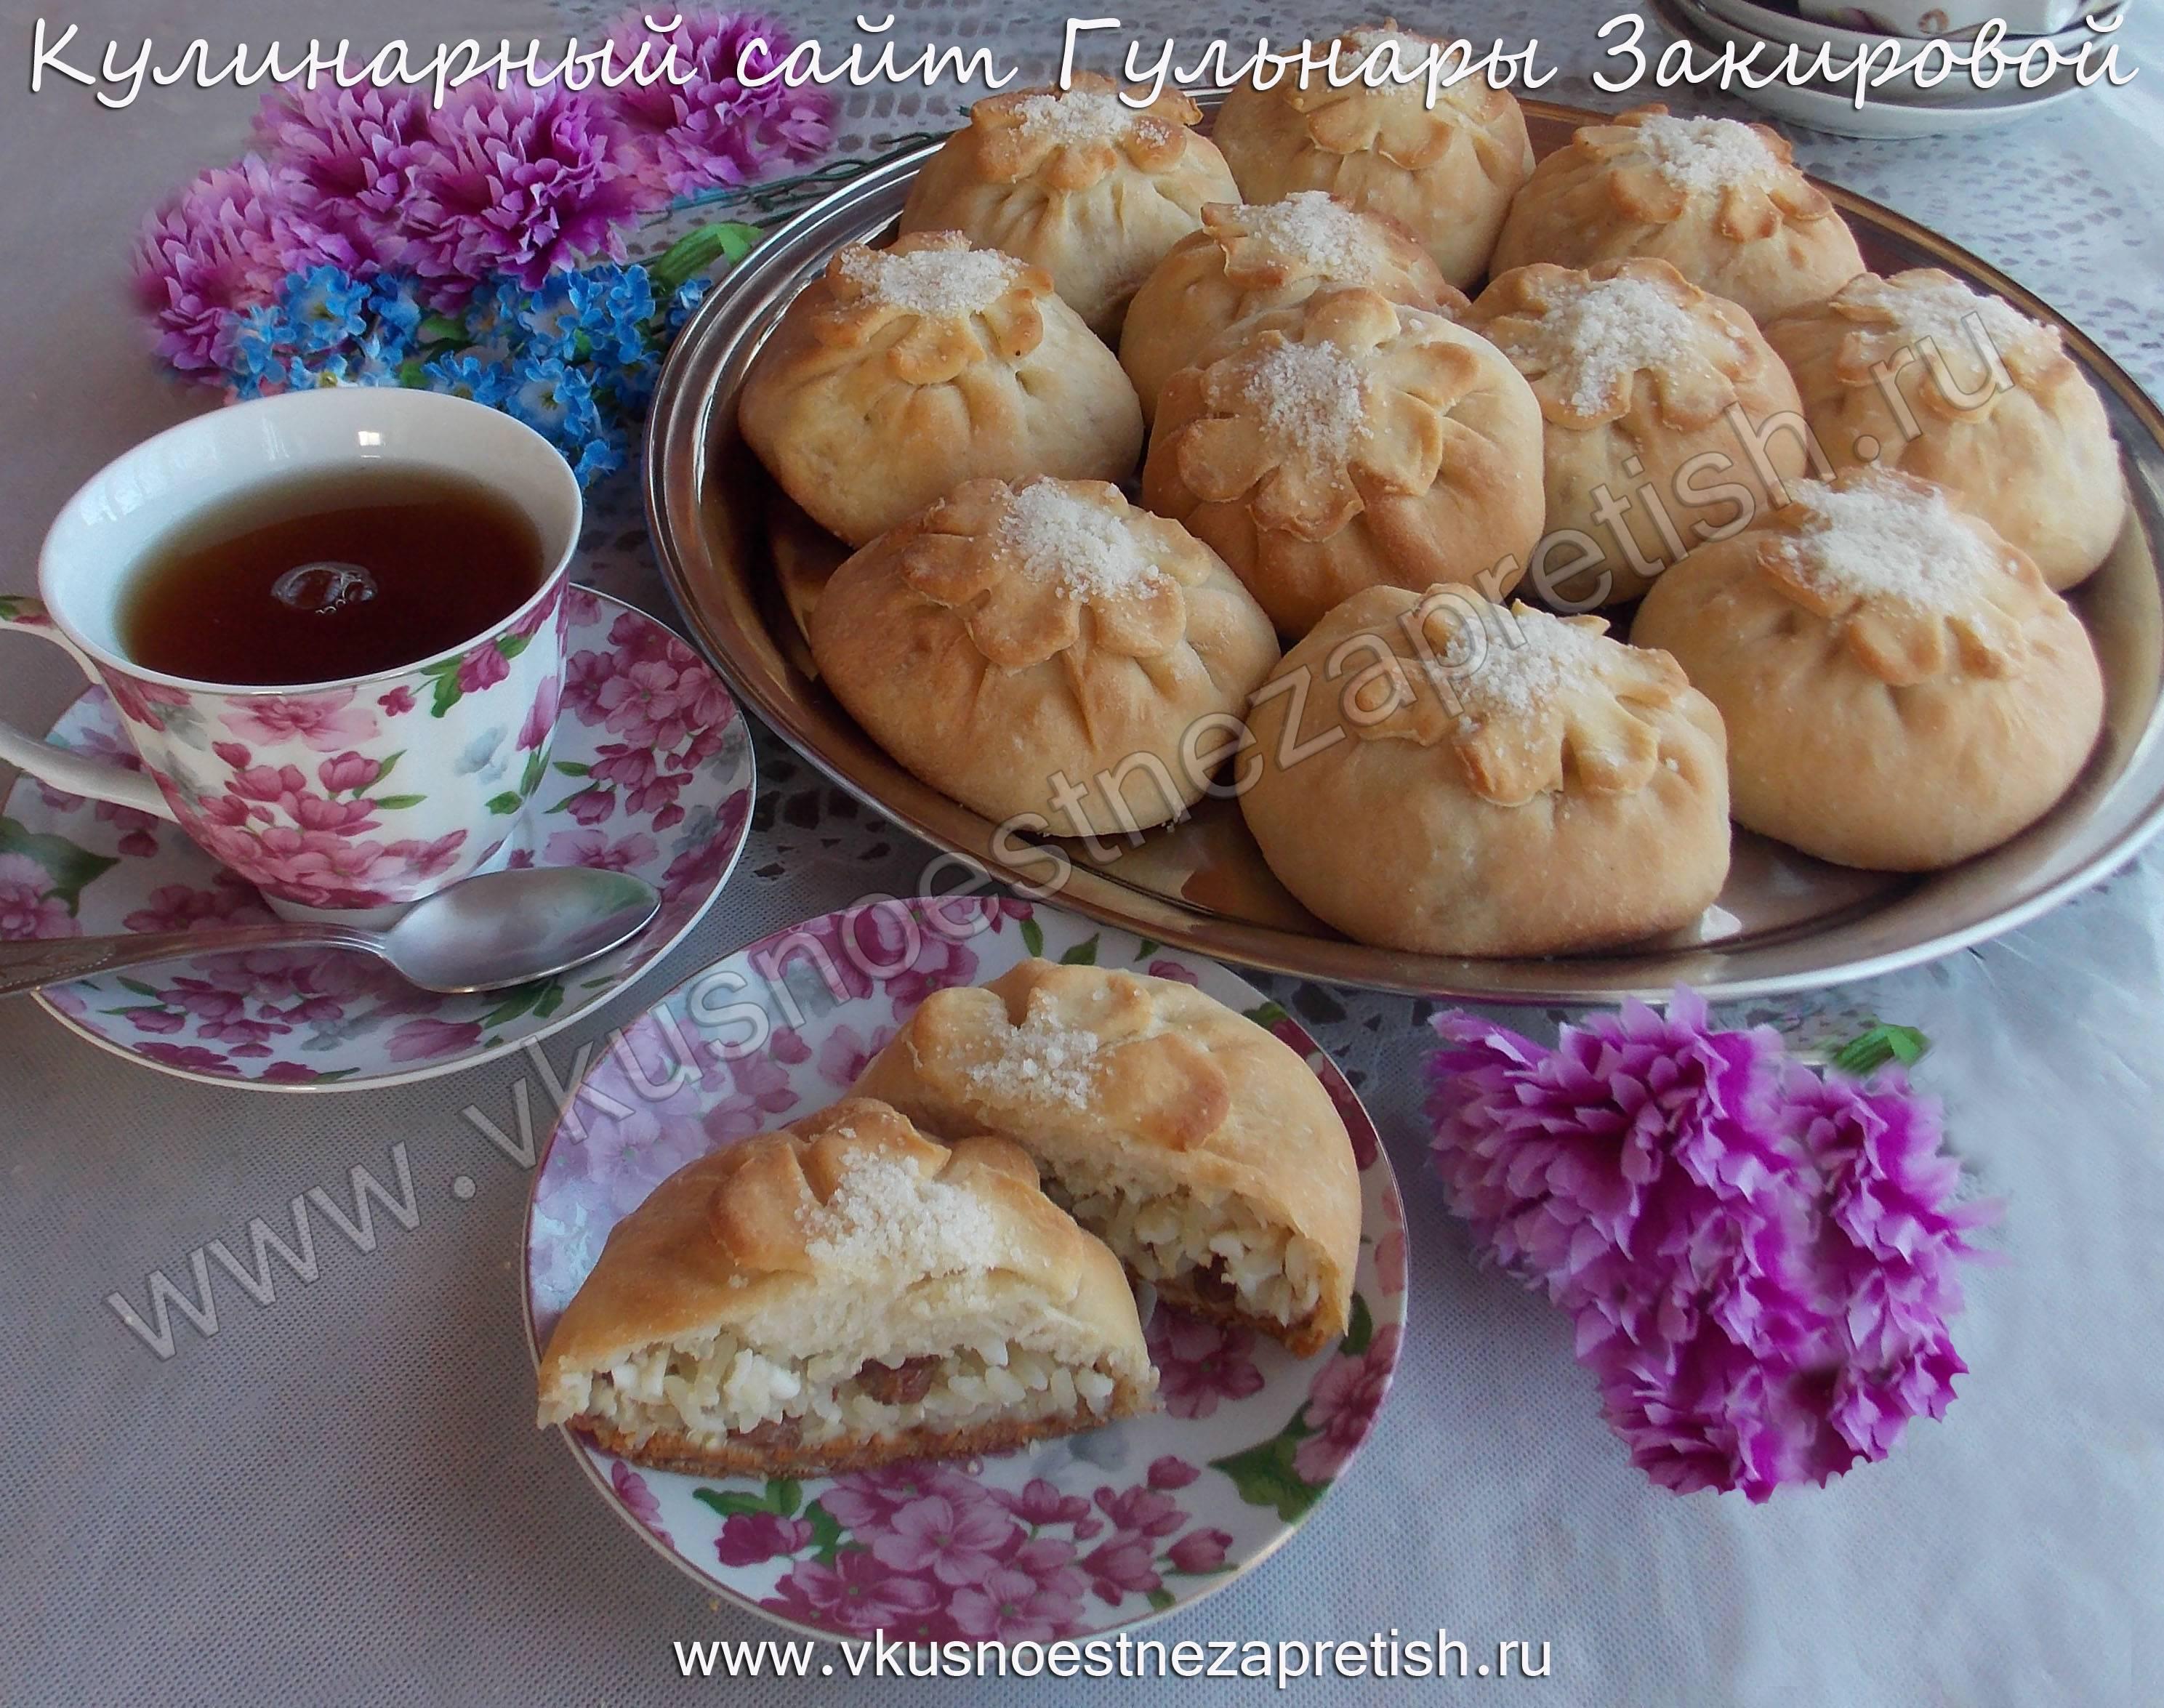 Губадия с кортом. рецепт с фото пошагово